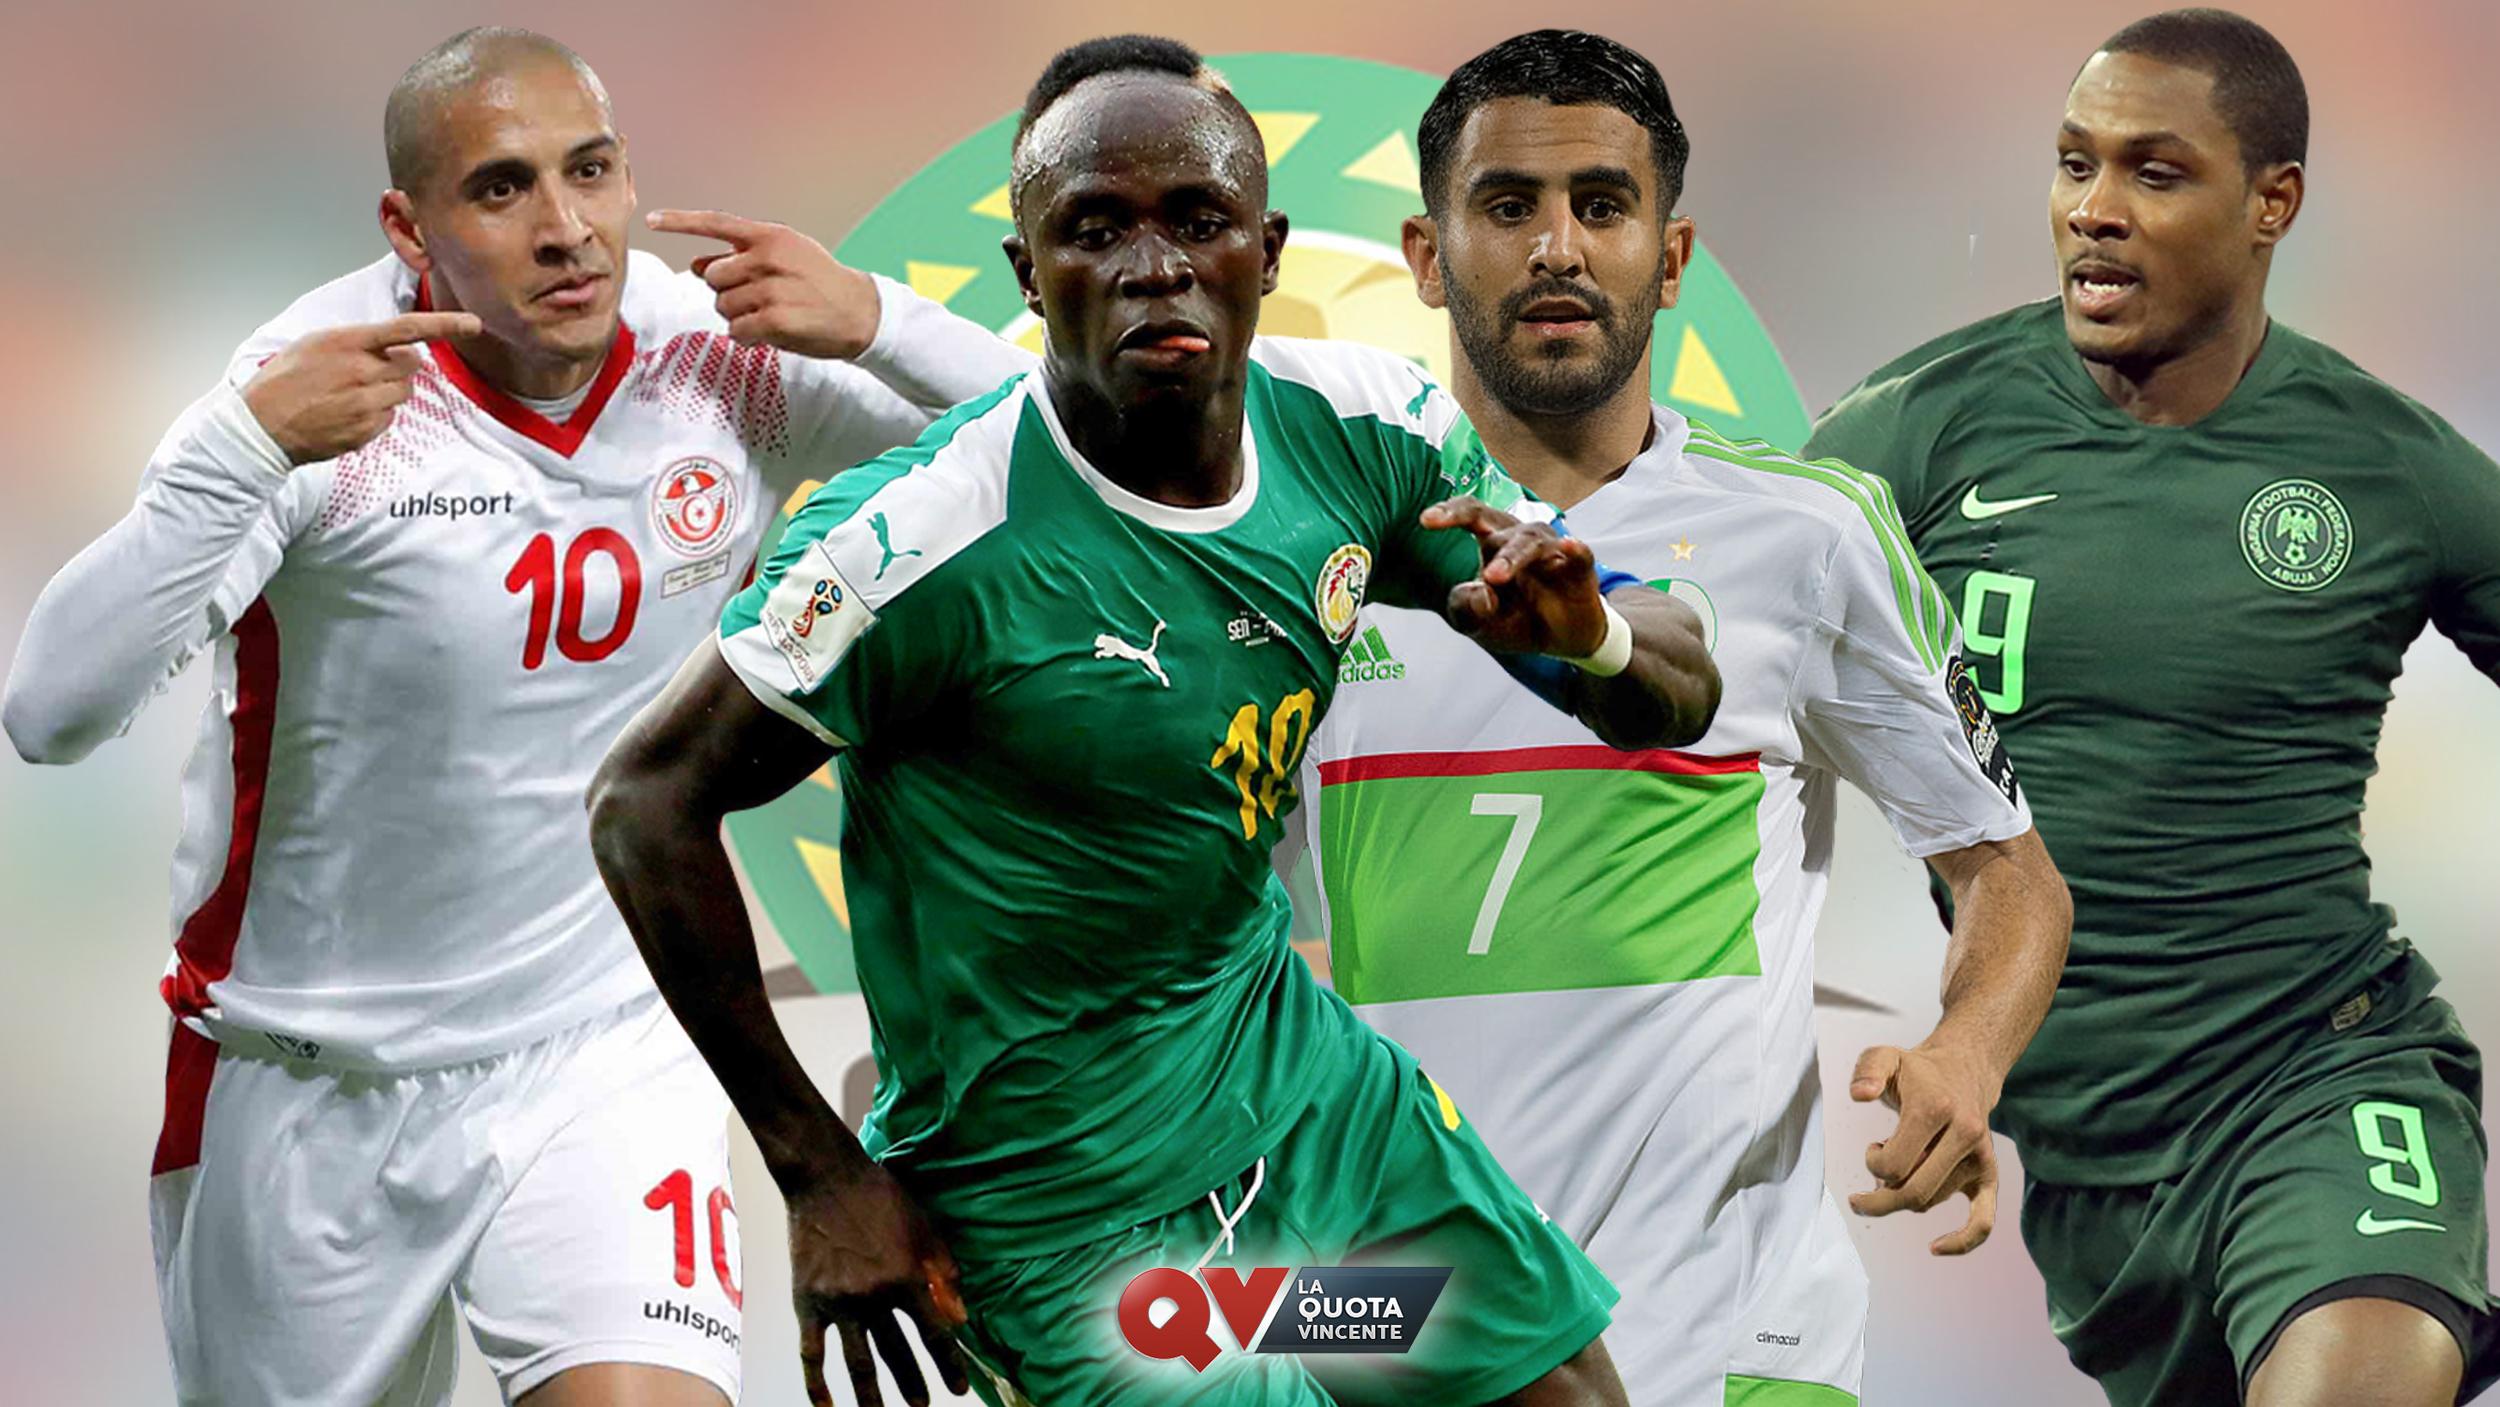 Coppa d'Africa 2019, la guida di #Pasto22: pronostici finali, analisi e probabili formazioni